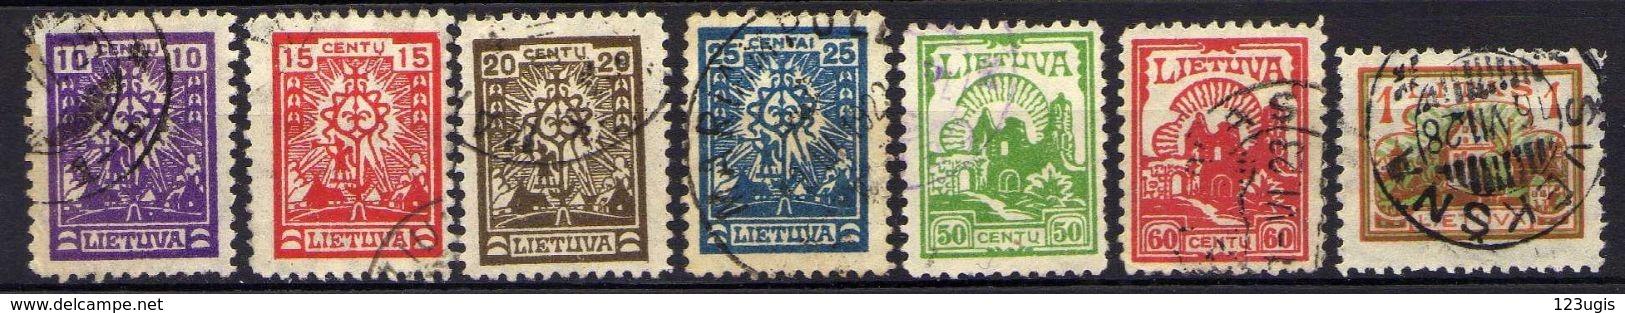 Litauen / Lietuva, 1923,  Mi 187-193, Gestempelt [280118XXII] - Lituania